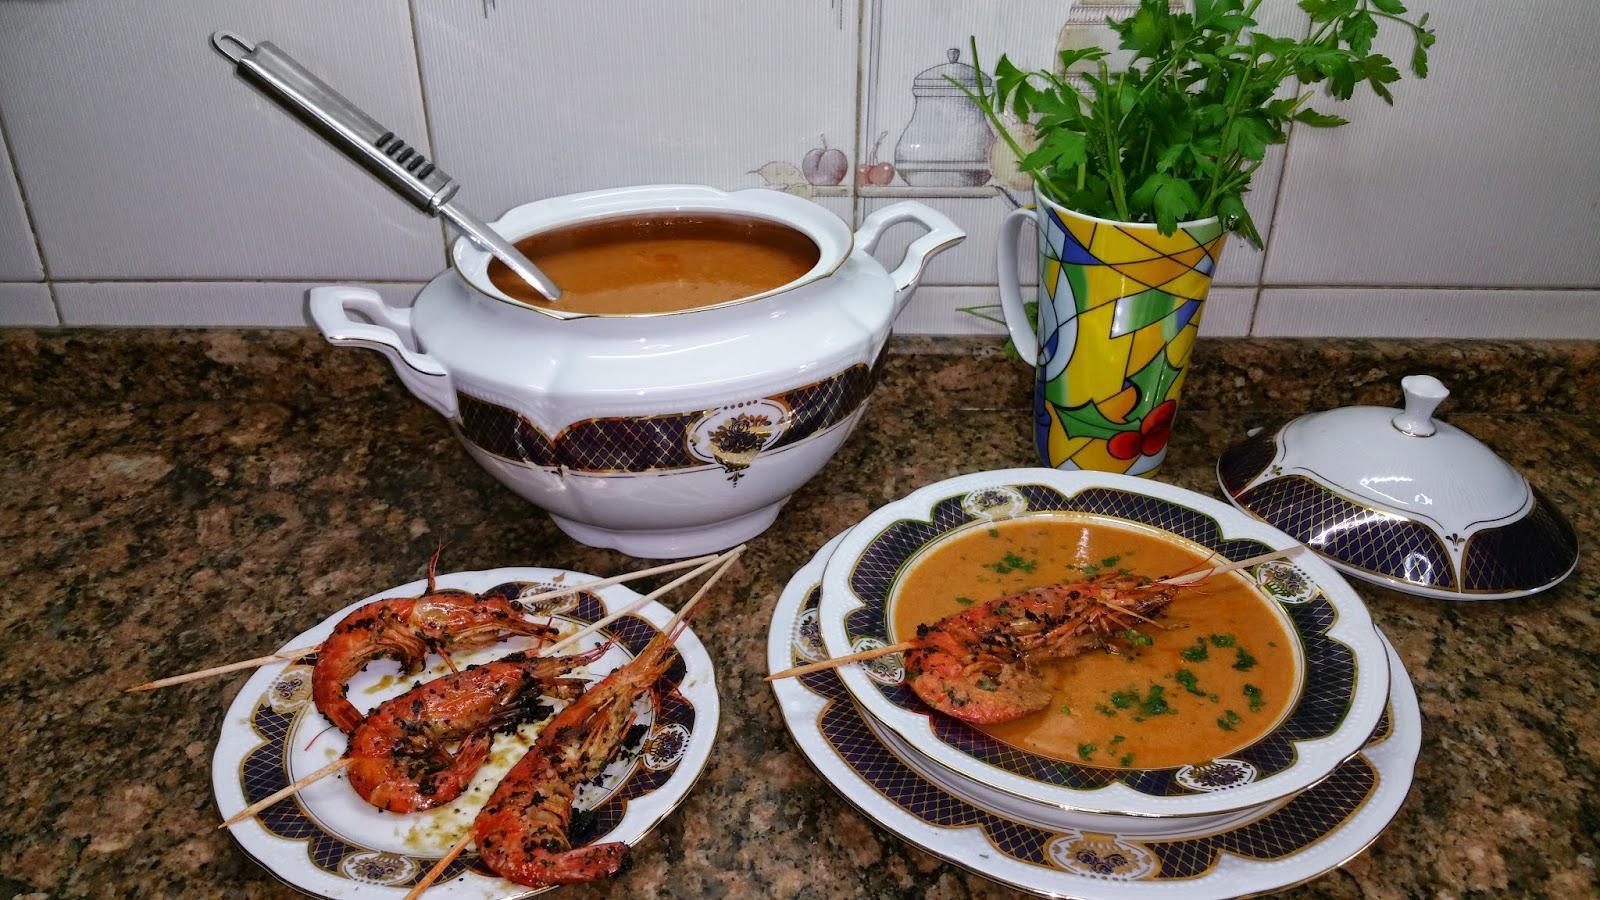 Crema de marisco la cocina tradicional de cambalache3 for Cocina tradicional